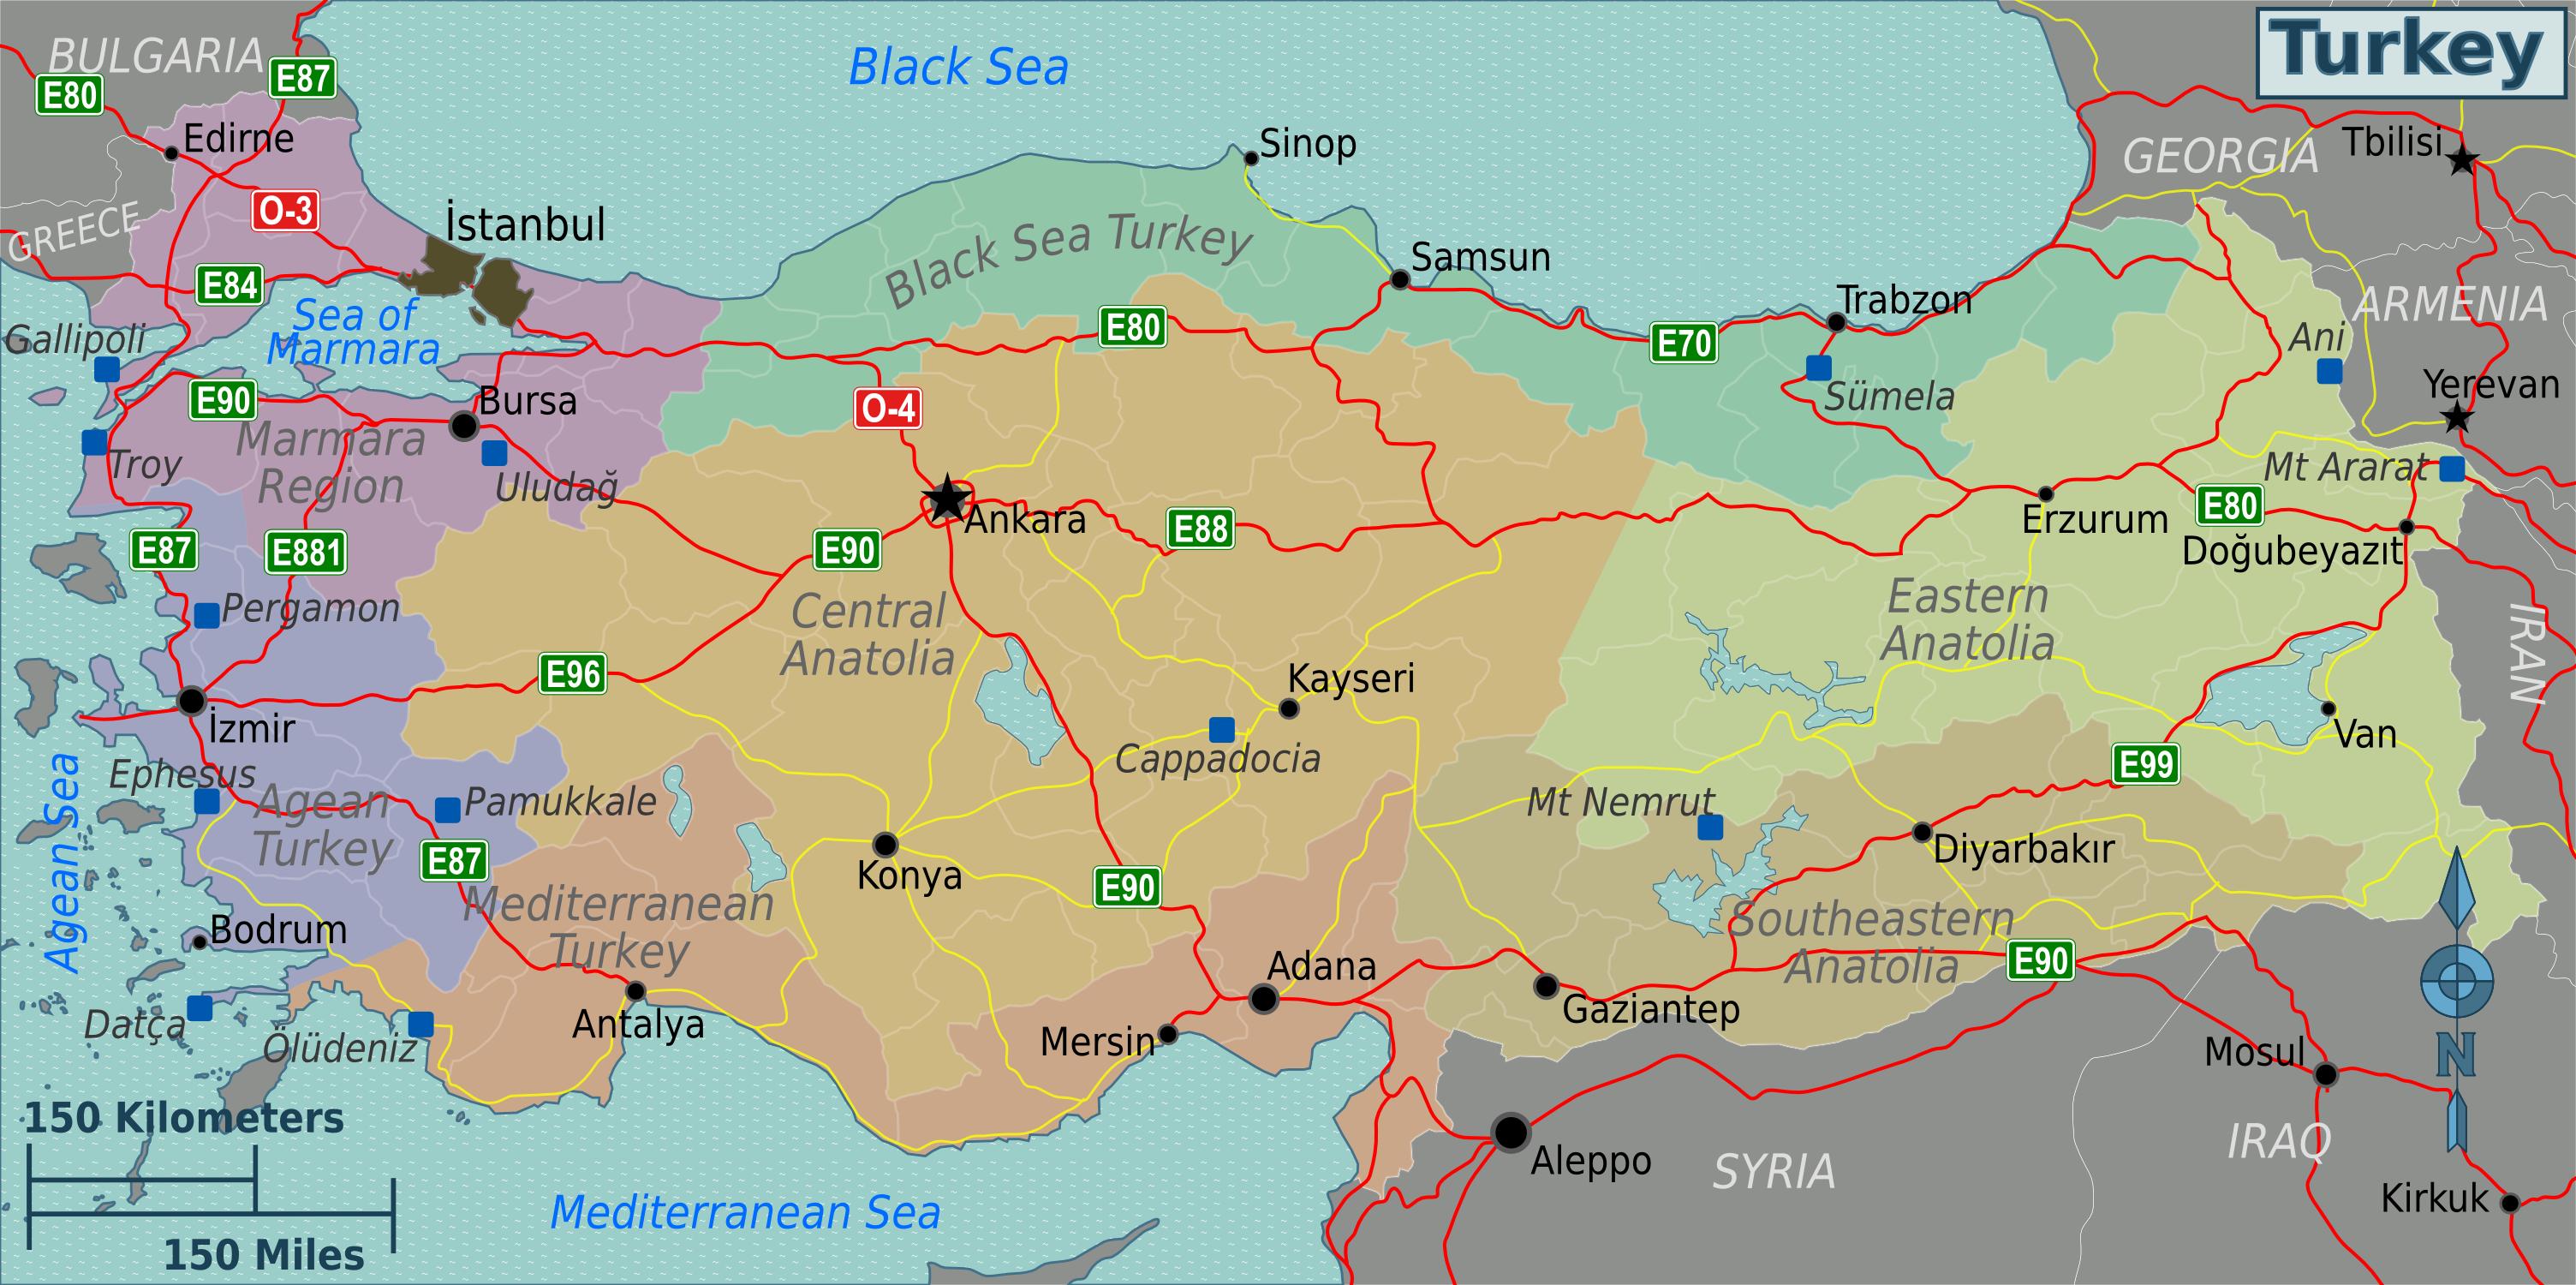 Karte Türkei.Landkarte Türkei Regionen Weltkarte Com Karten Und Stadtpläne